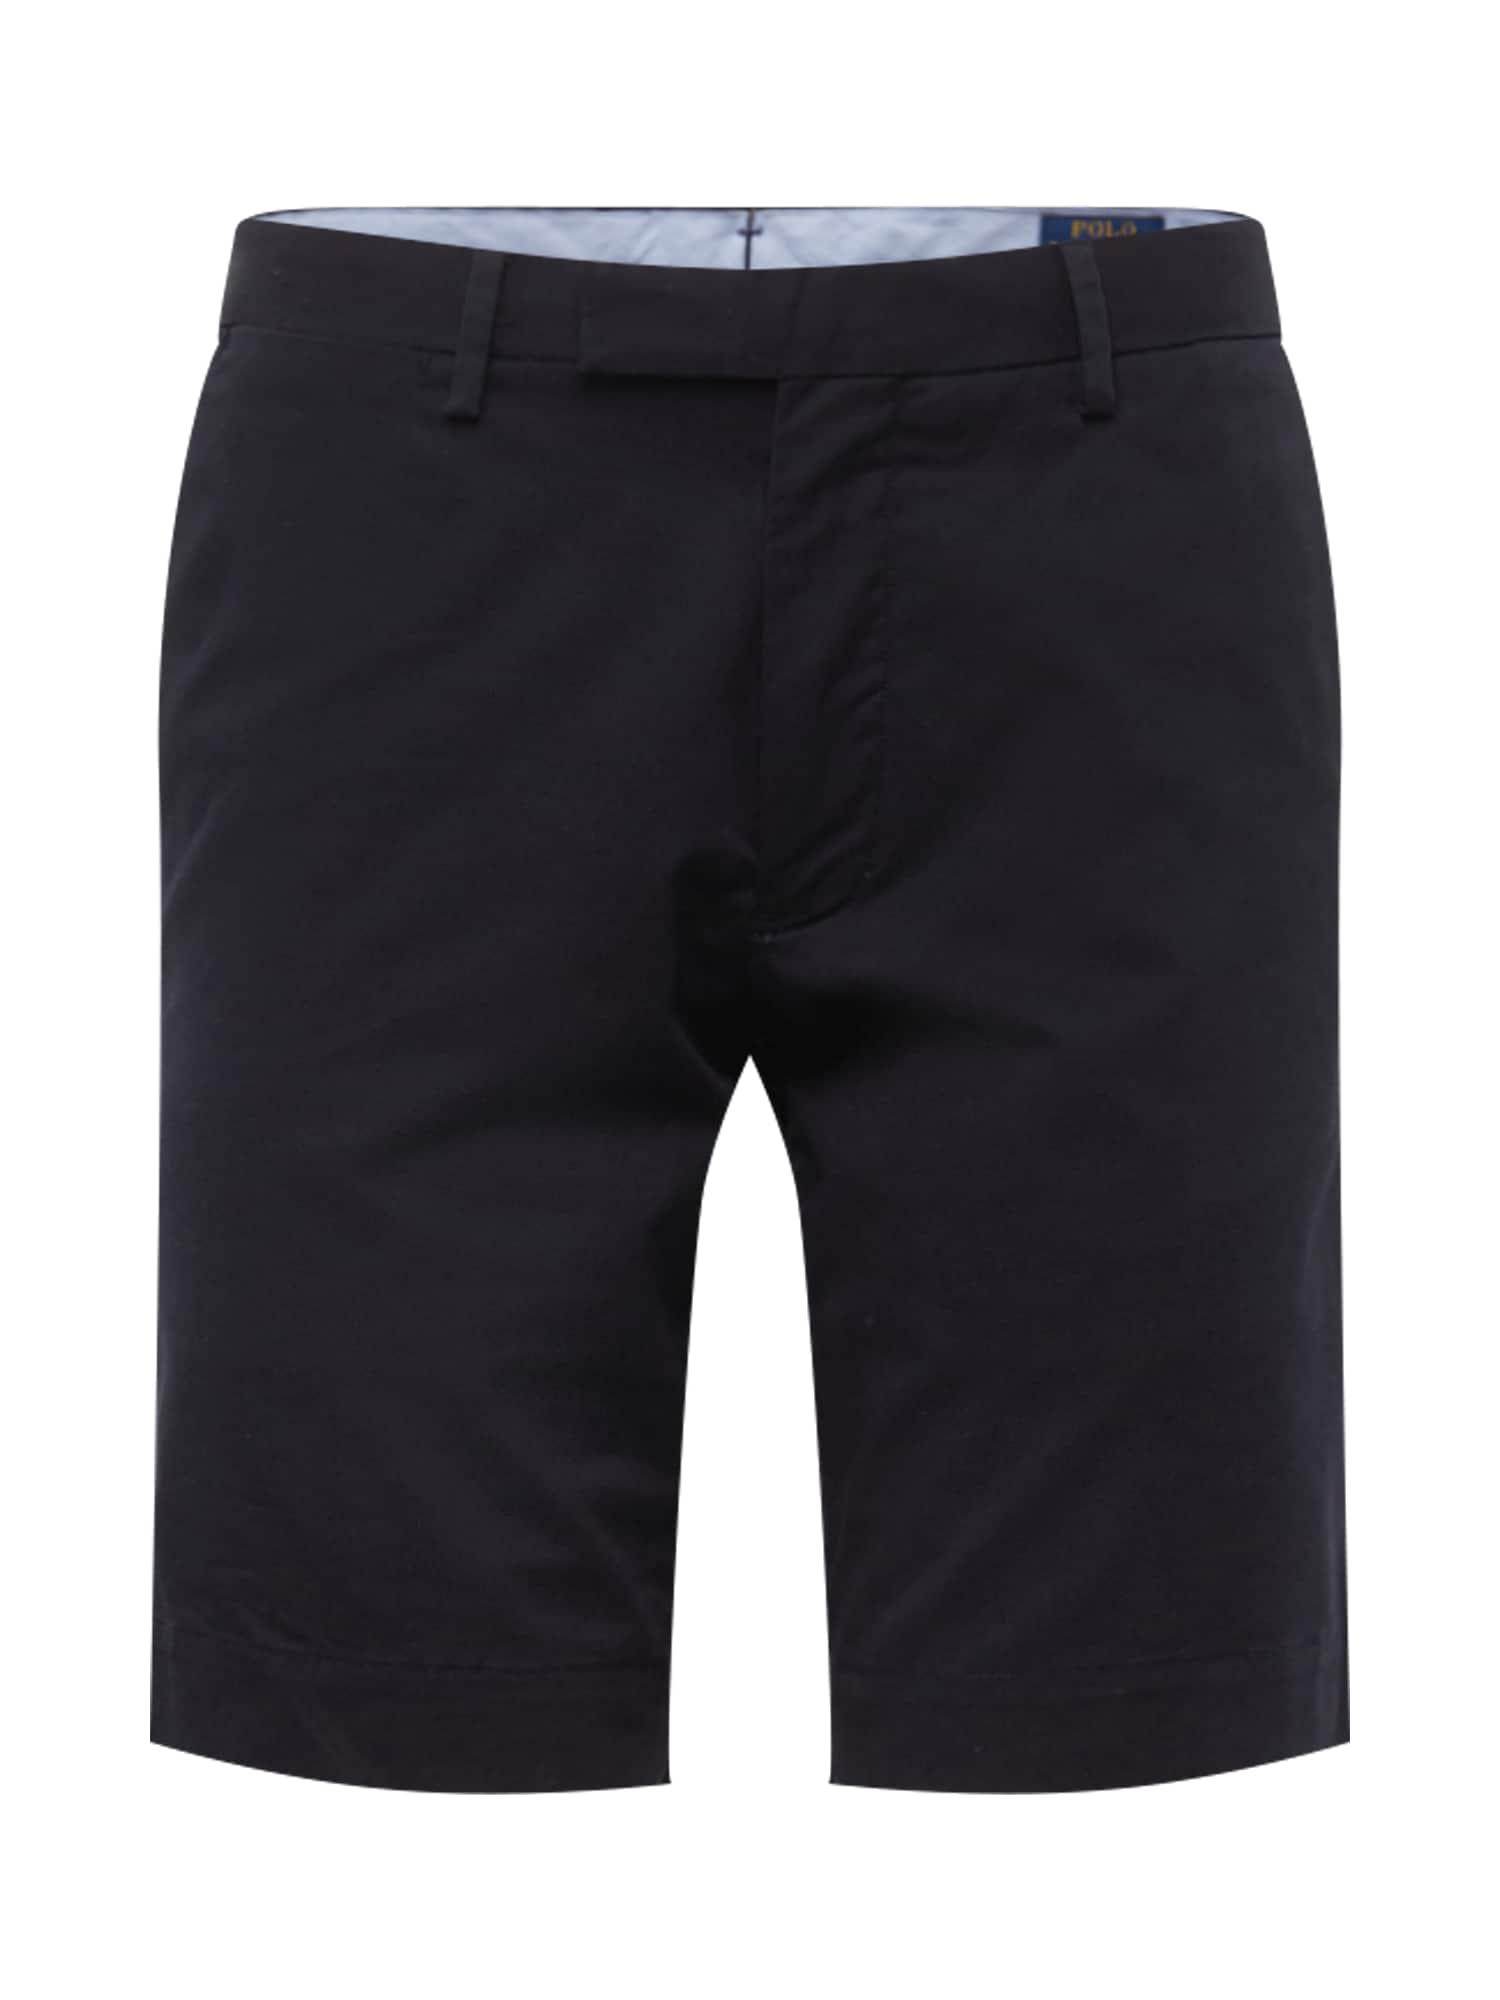 Chino kalhoty SLFHDNS-FLAT-SHORT námořnická modř POLO RALPH LAUREN